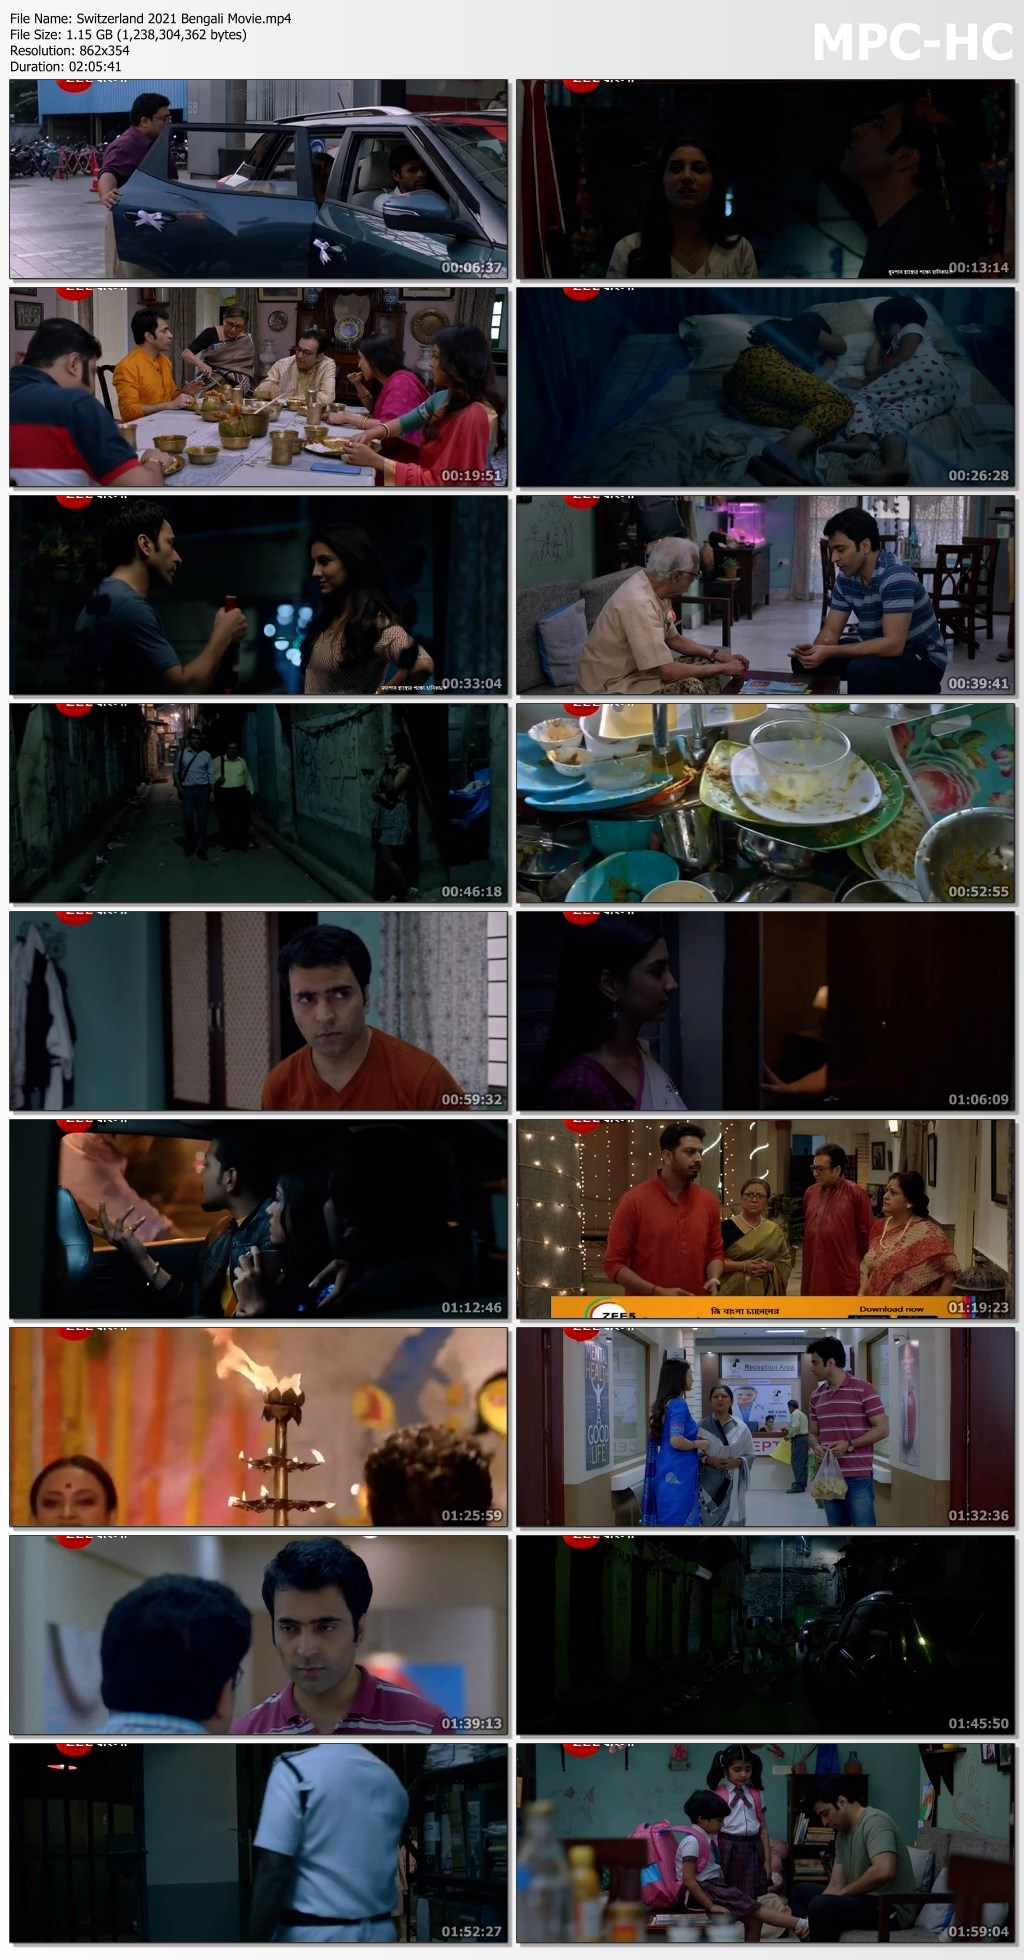 Switzerland 2021 Bengali Movie.mp4 thumbs